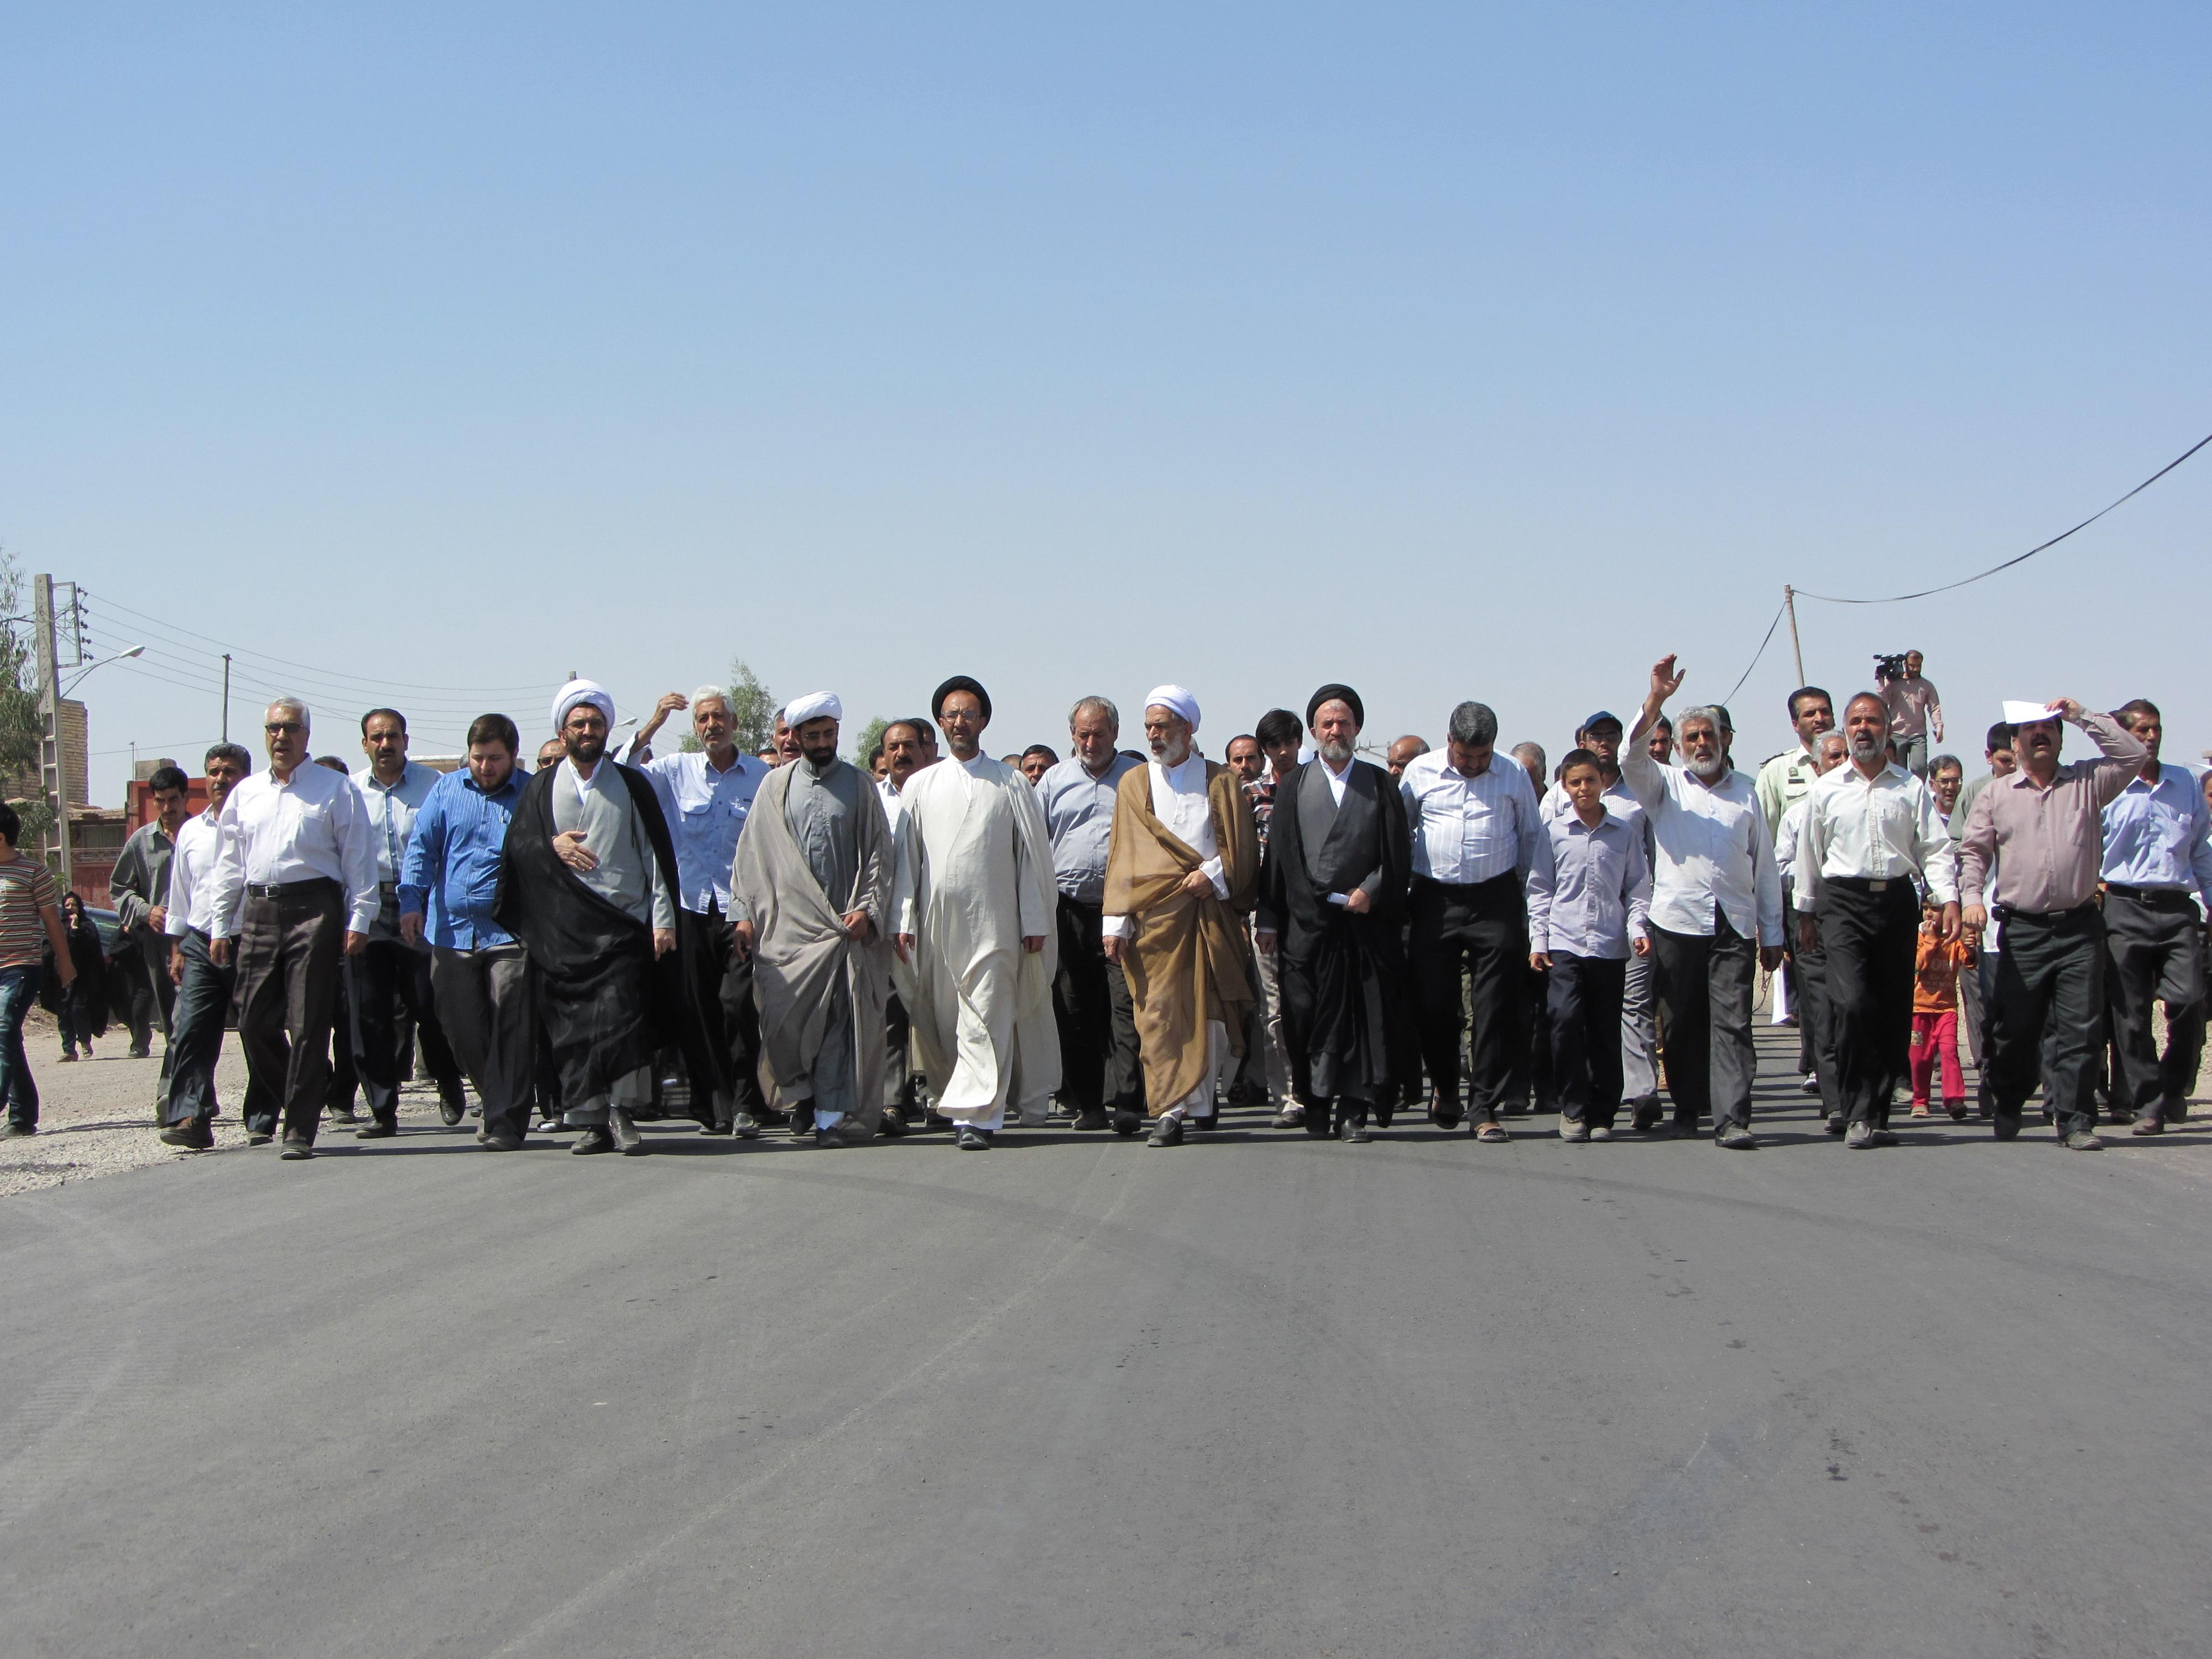 گزارش تصویری راهپیمایی نمازگزاران رفسنجانی در اعتراض به هتک حرمت پیامبر(ص)